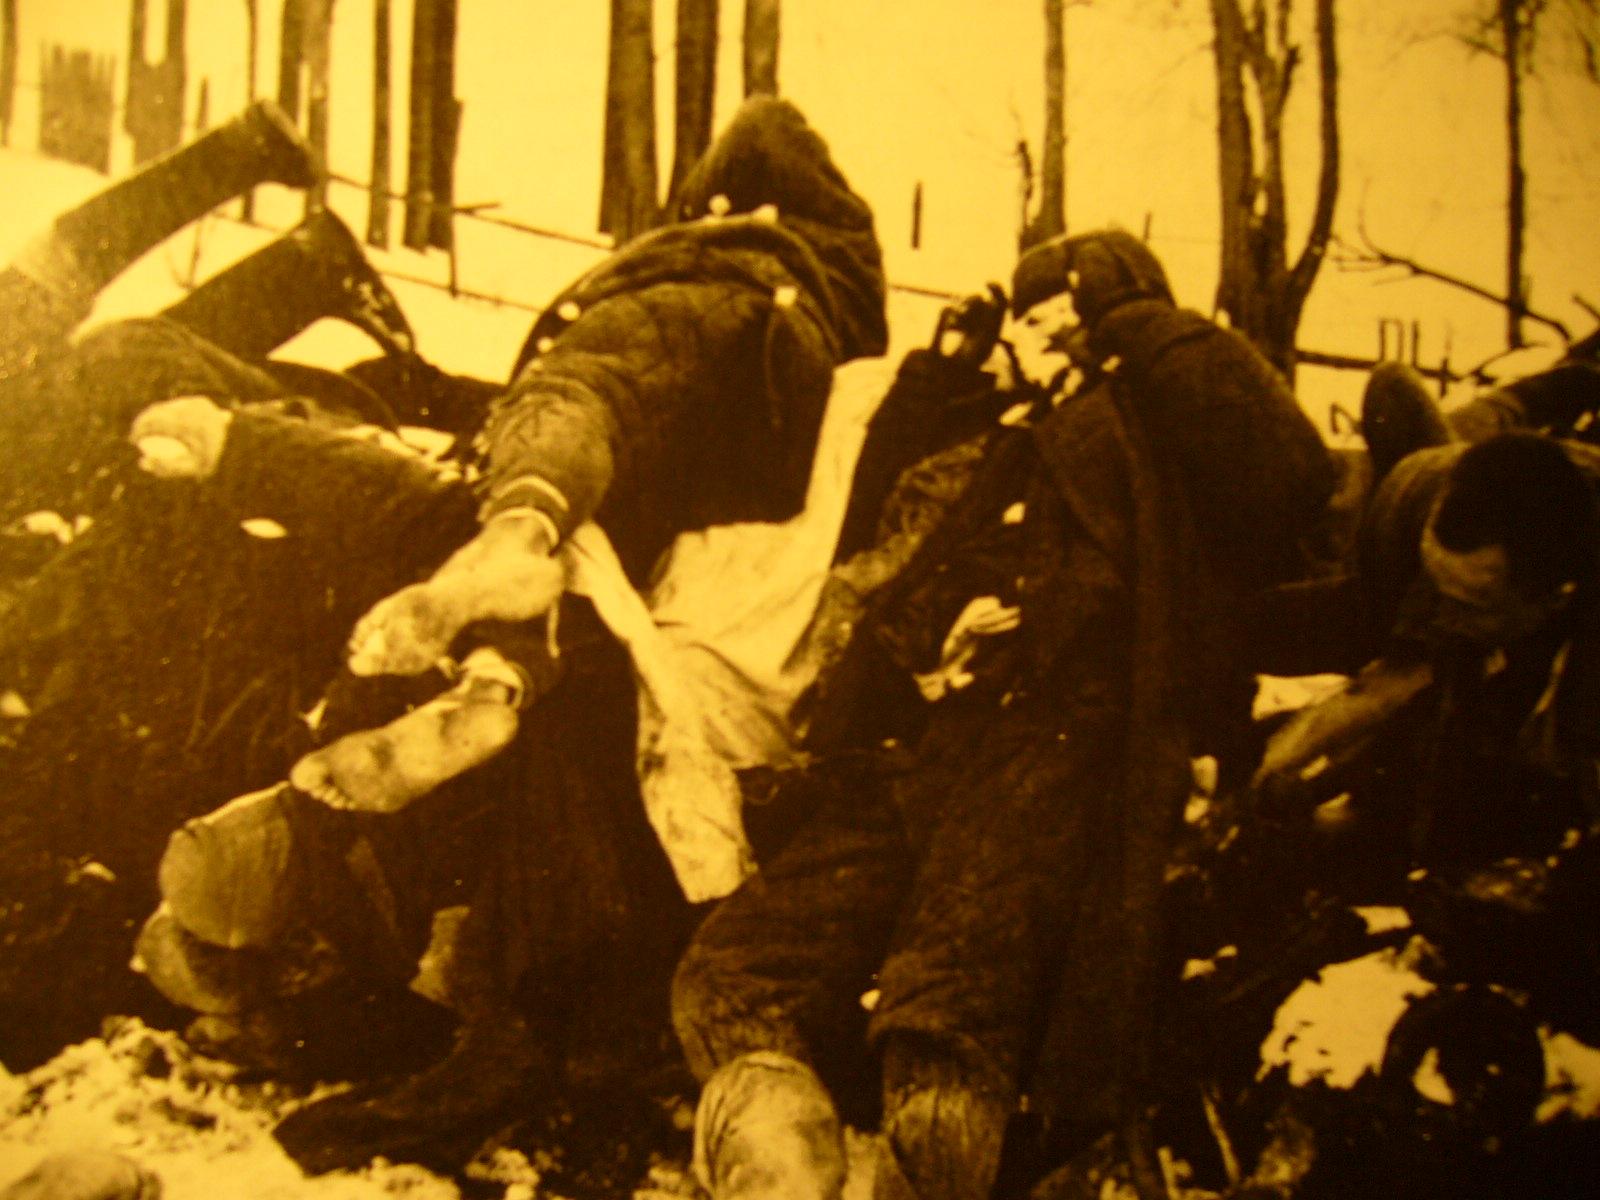 Fotografias increibles de la Segunda Guerra Mundial 4146225p1090940